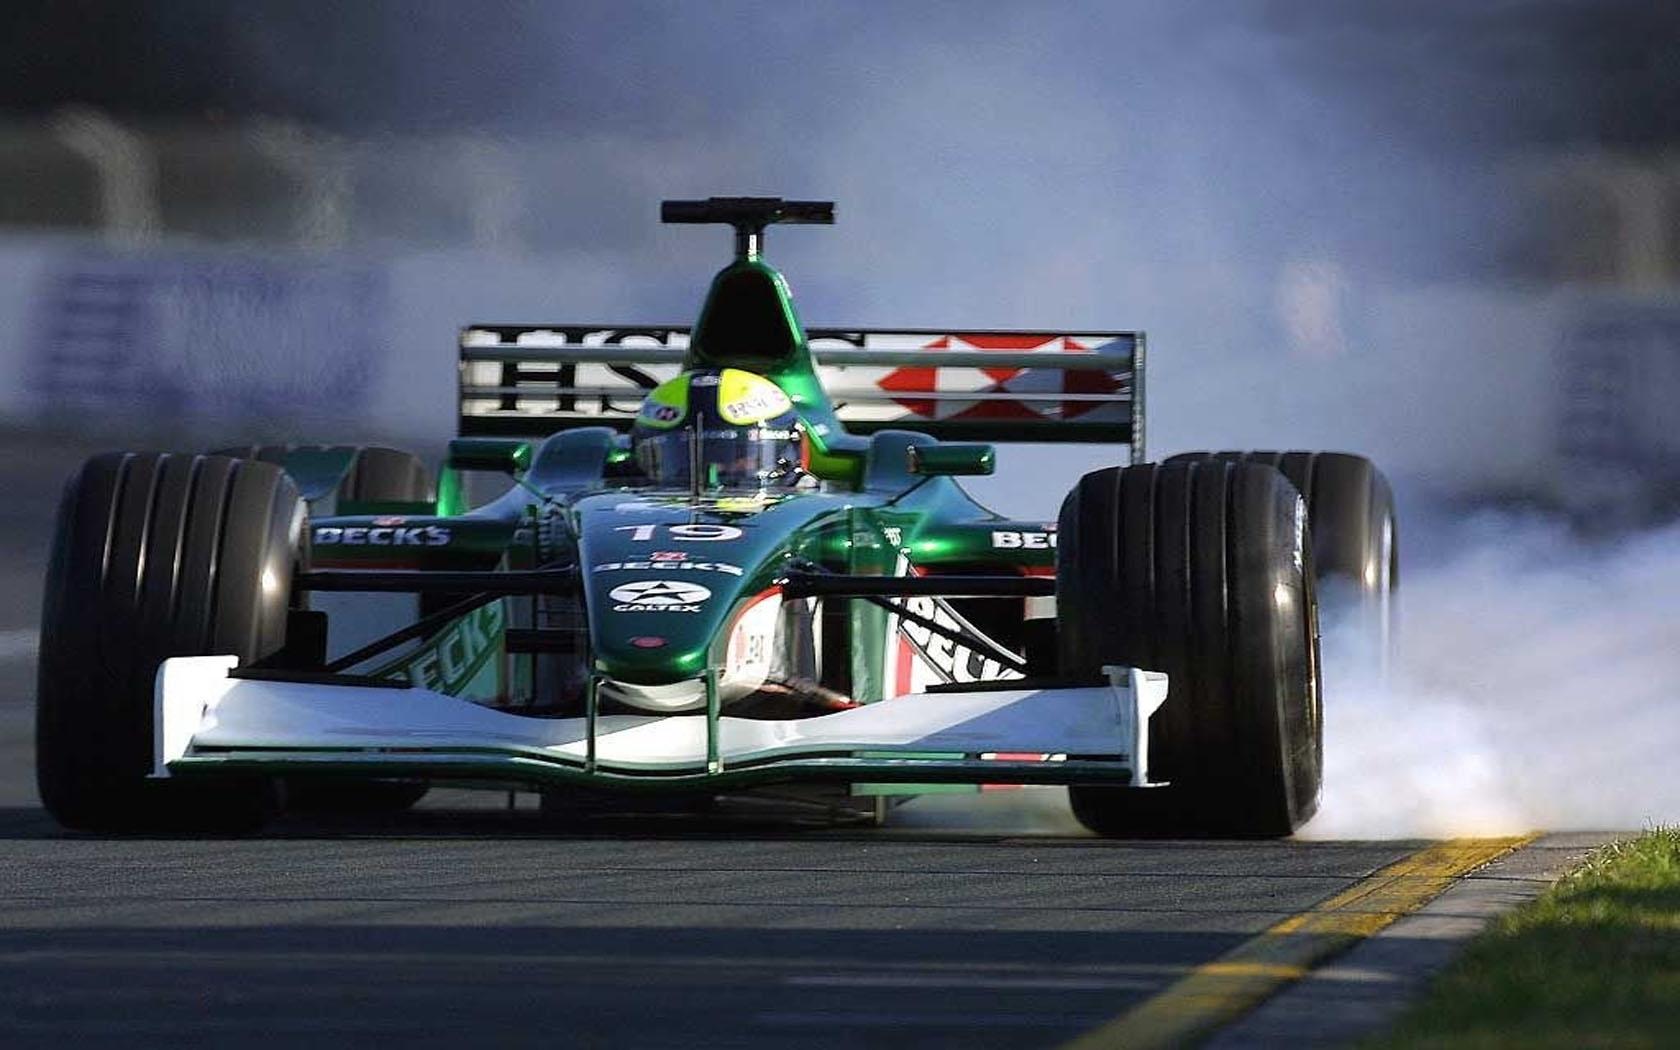 26299 скачать обои Спорт, Транспорт, Машины, Формула-1 (Formula-1, F1) - заставки и картинки бесплатно